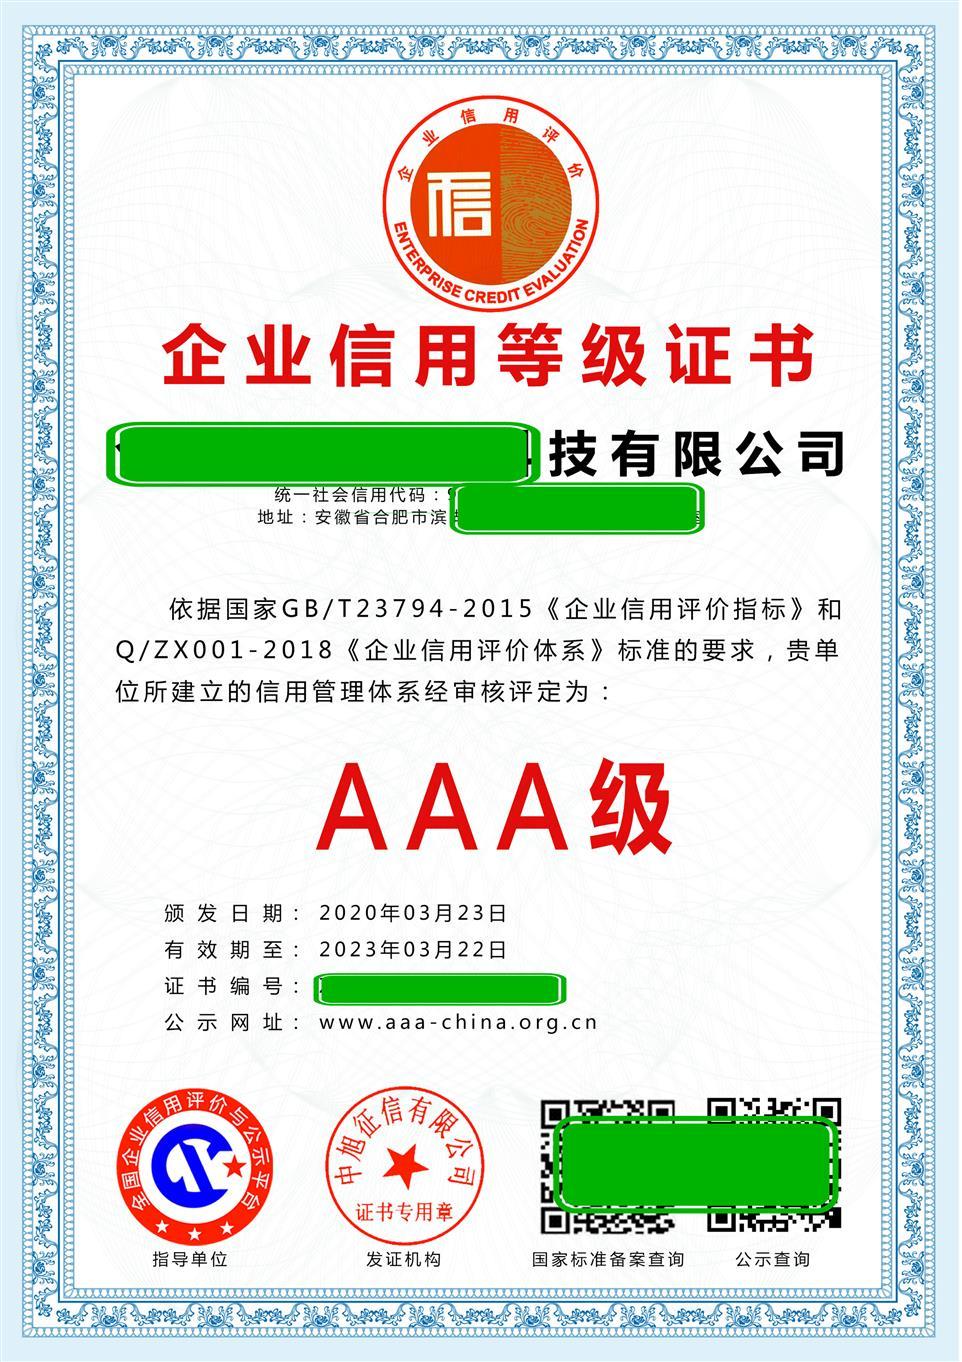 宿州ISO9001质量管理体系认证有效期